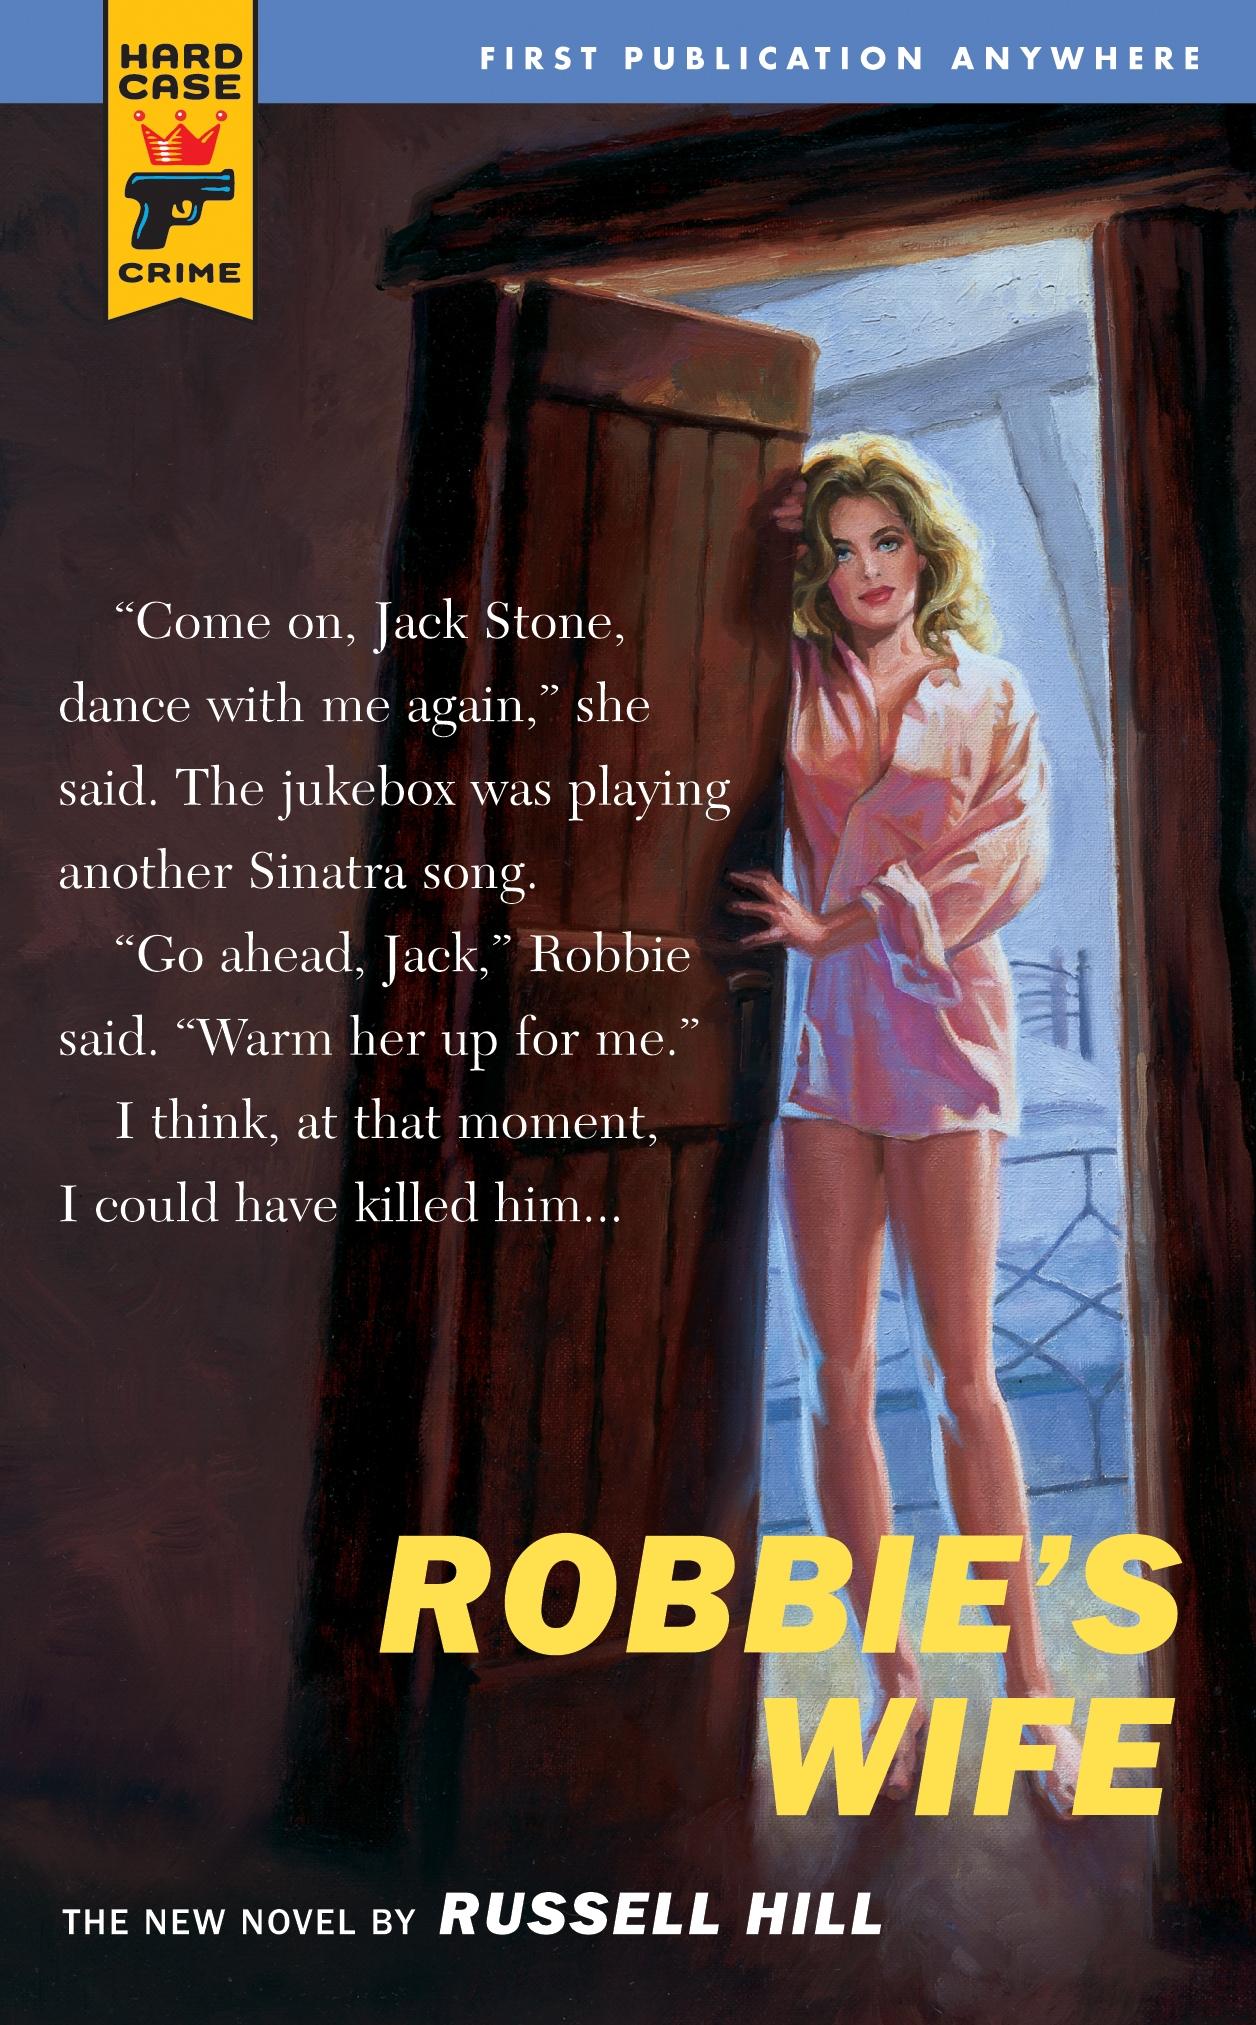 21507292-29-RobbiesWife